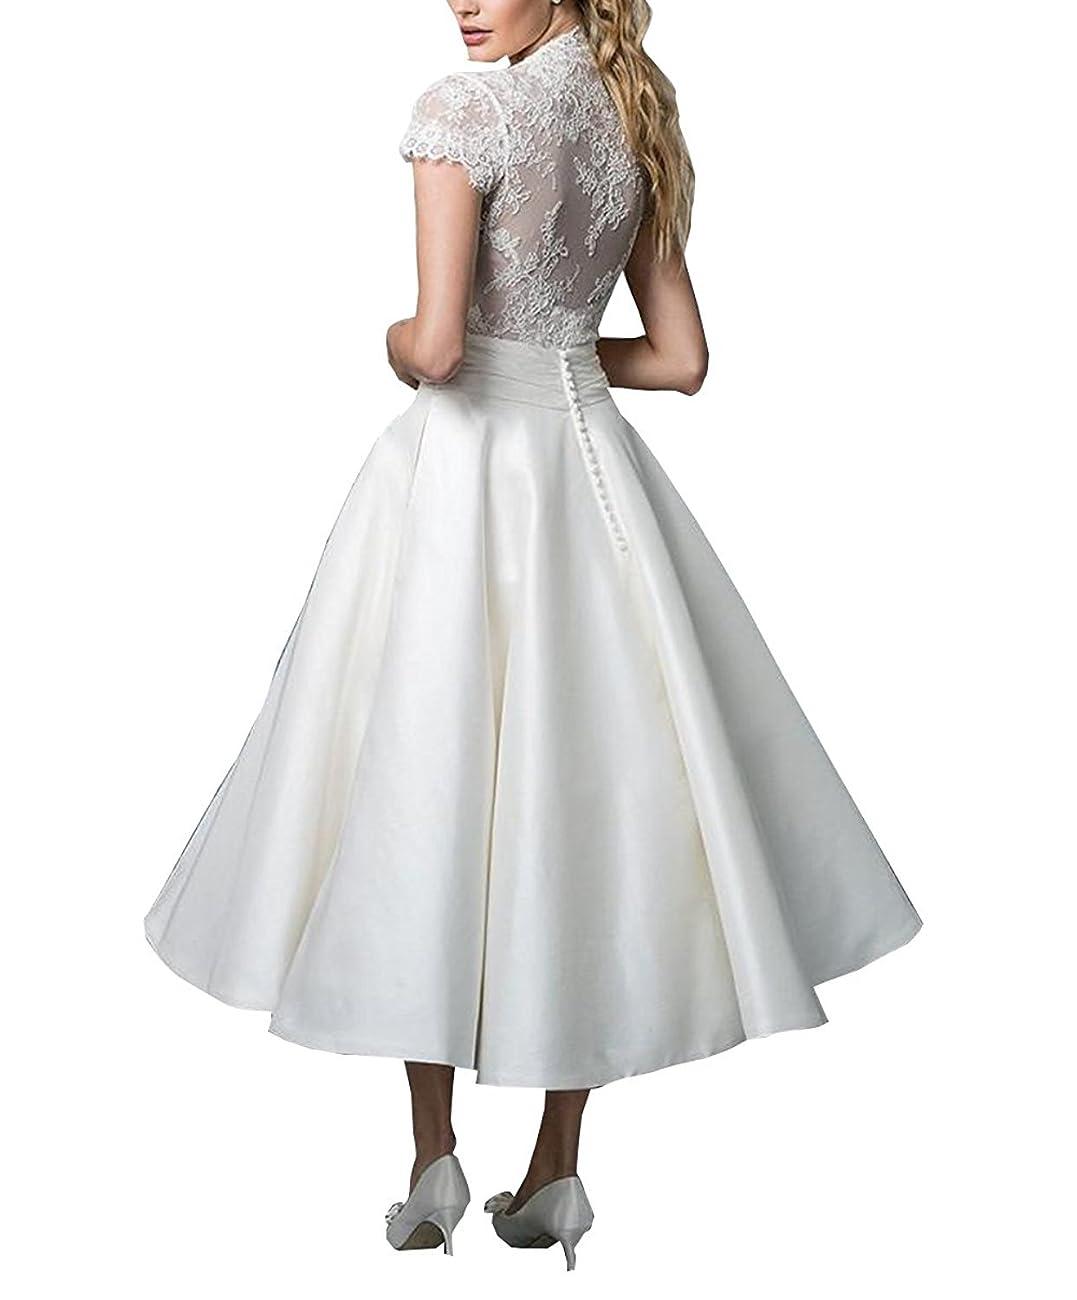 Fashionbride Women's Lace Tea Length A Line Vintage Wedding Dress Bridal Gown F364 1